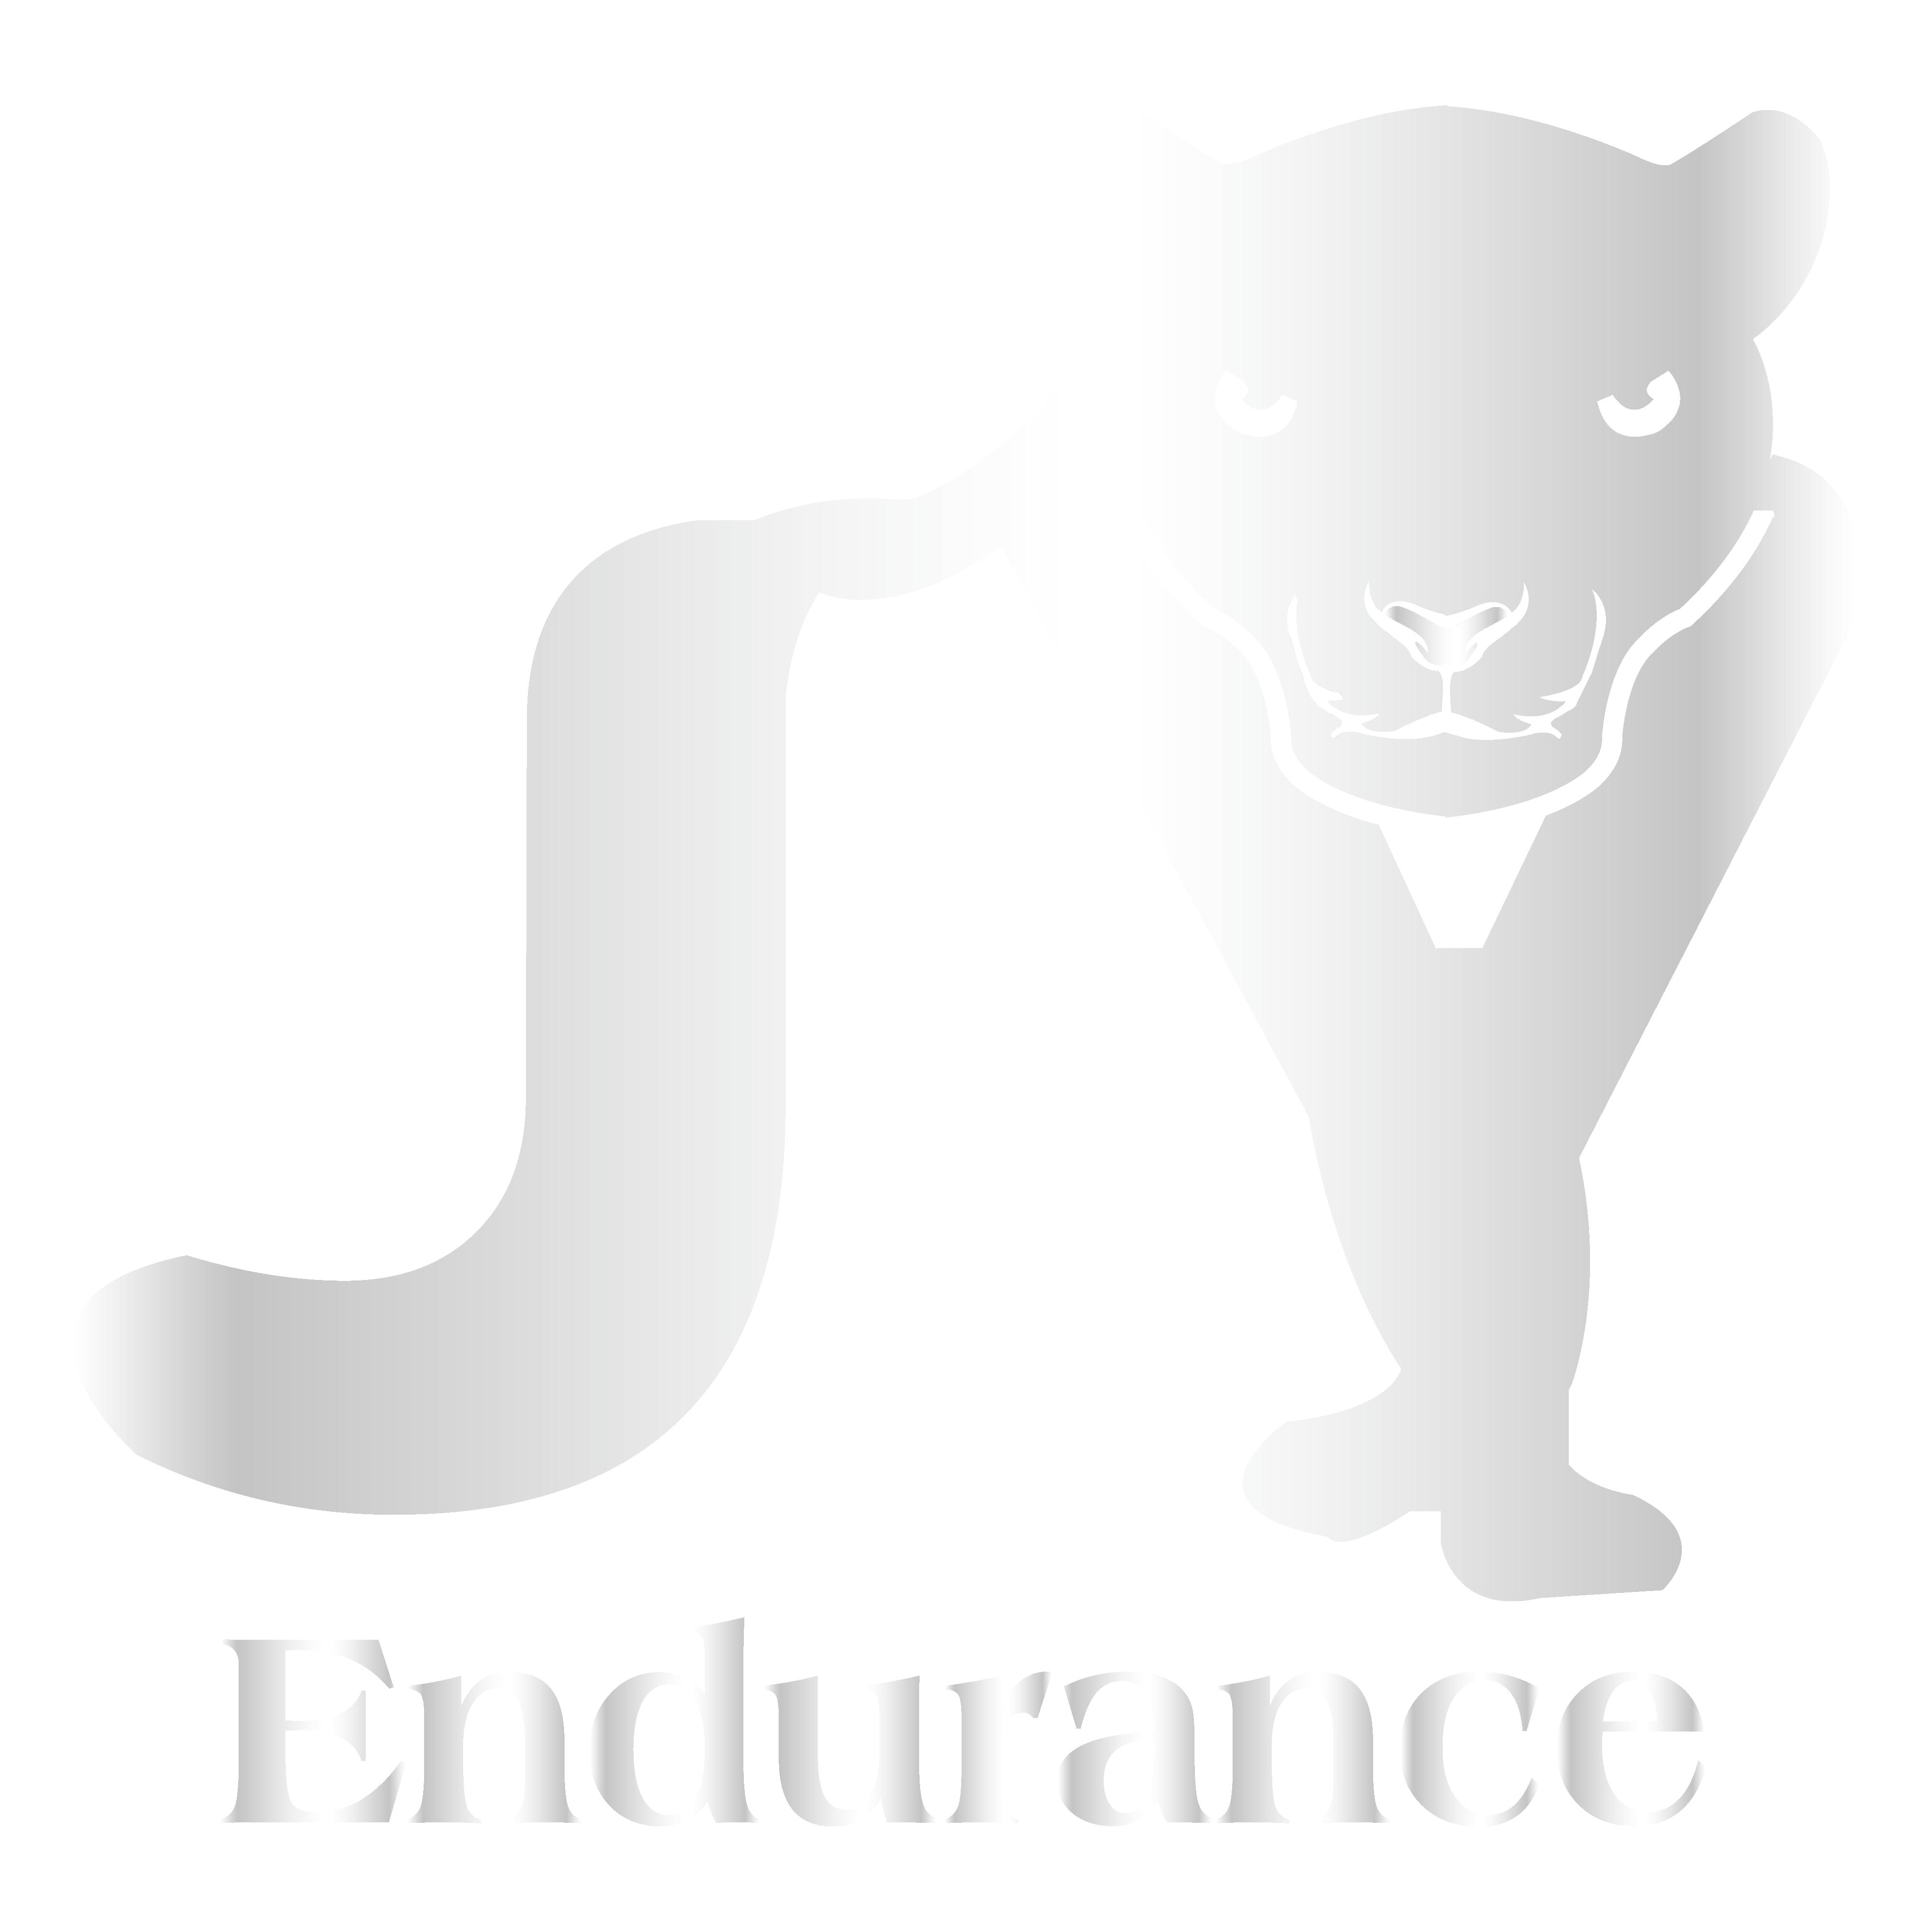 JY Endurance